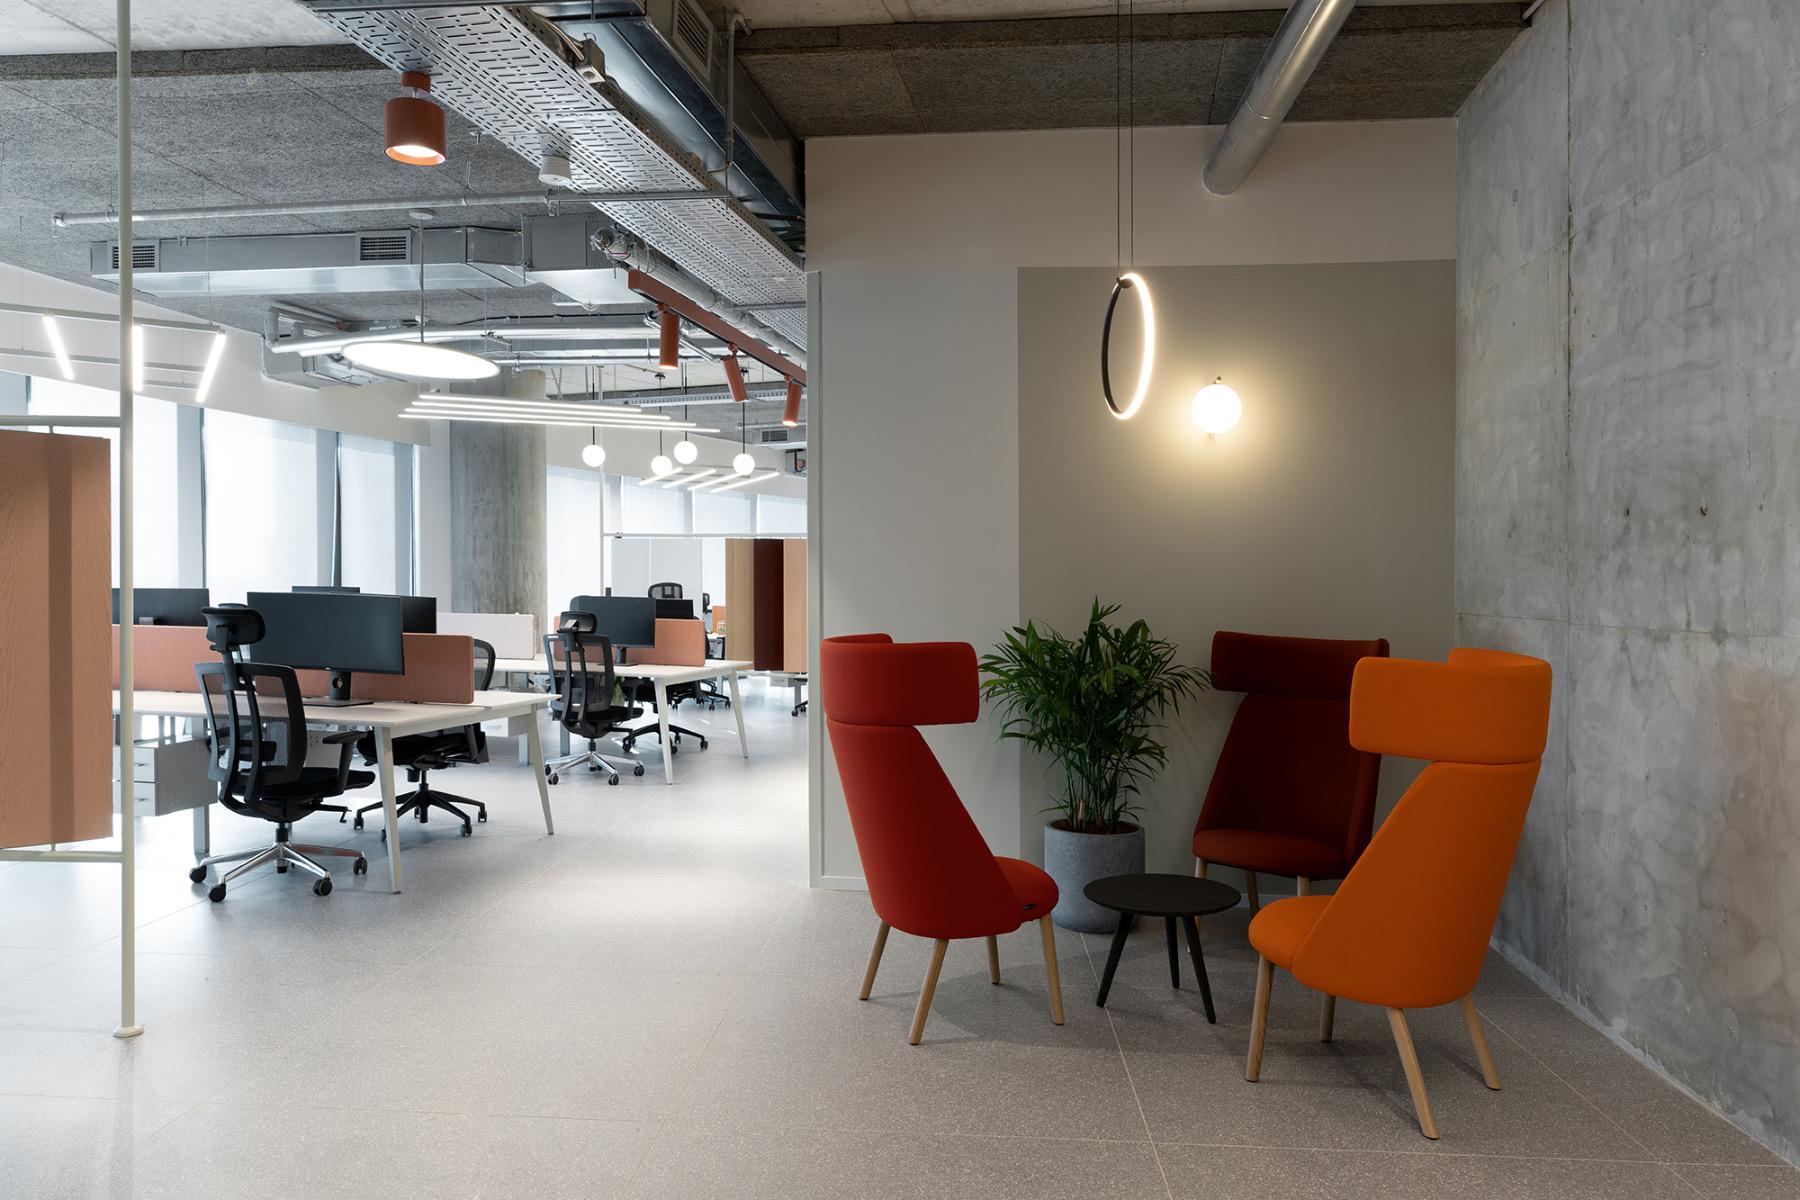 elementor-office-tel-aviv-23